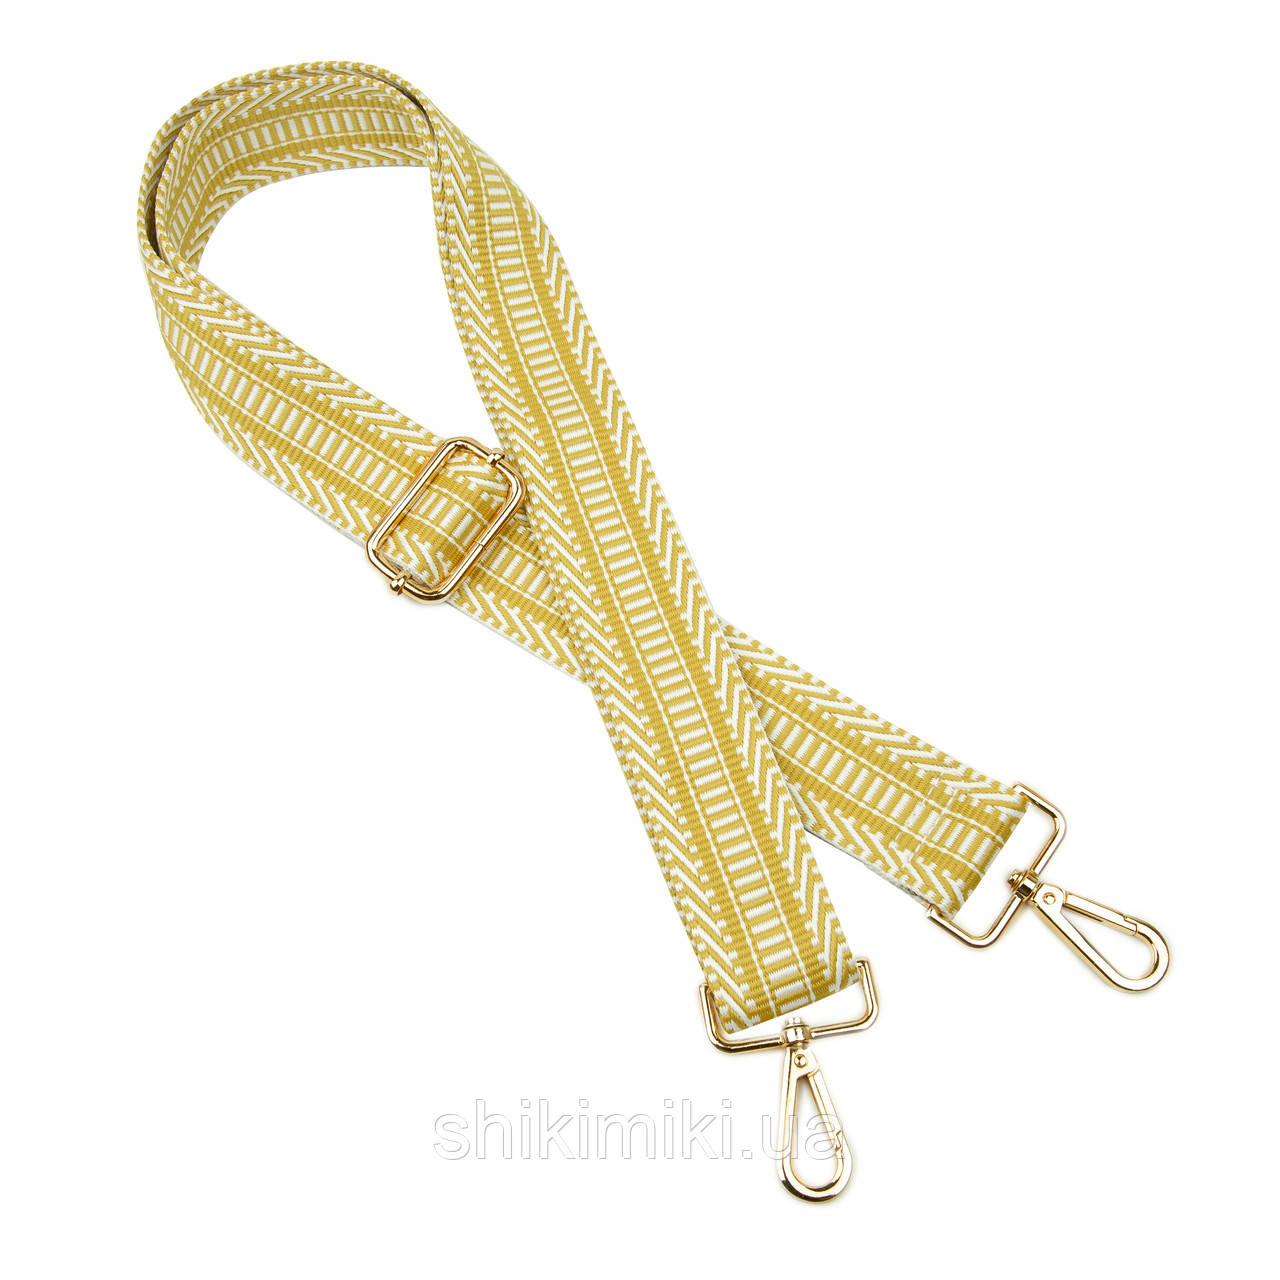 """Плечовий ремінь з орнаментом """"Міст"""", колір жовто-білий, фурнітура золото"""